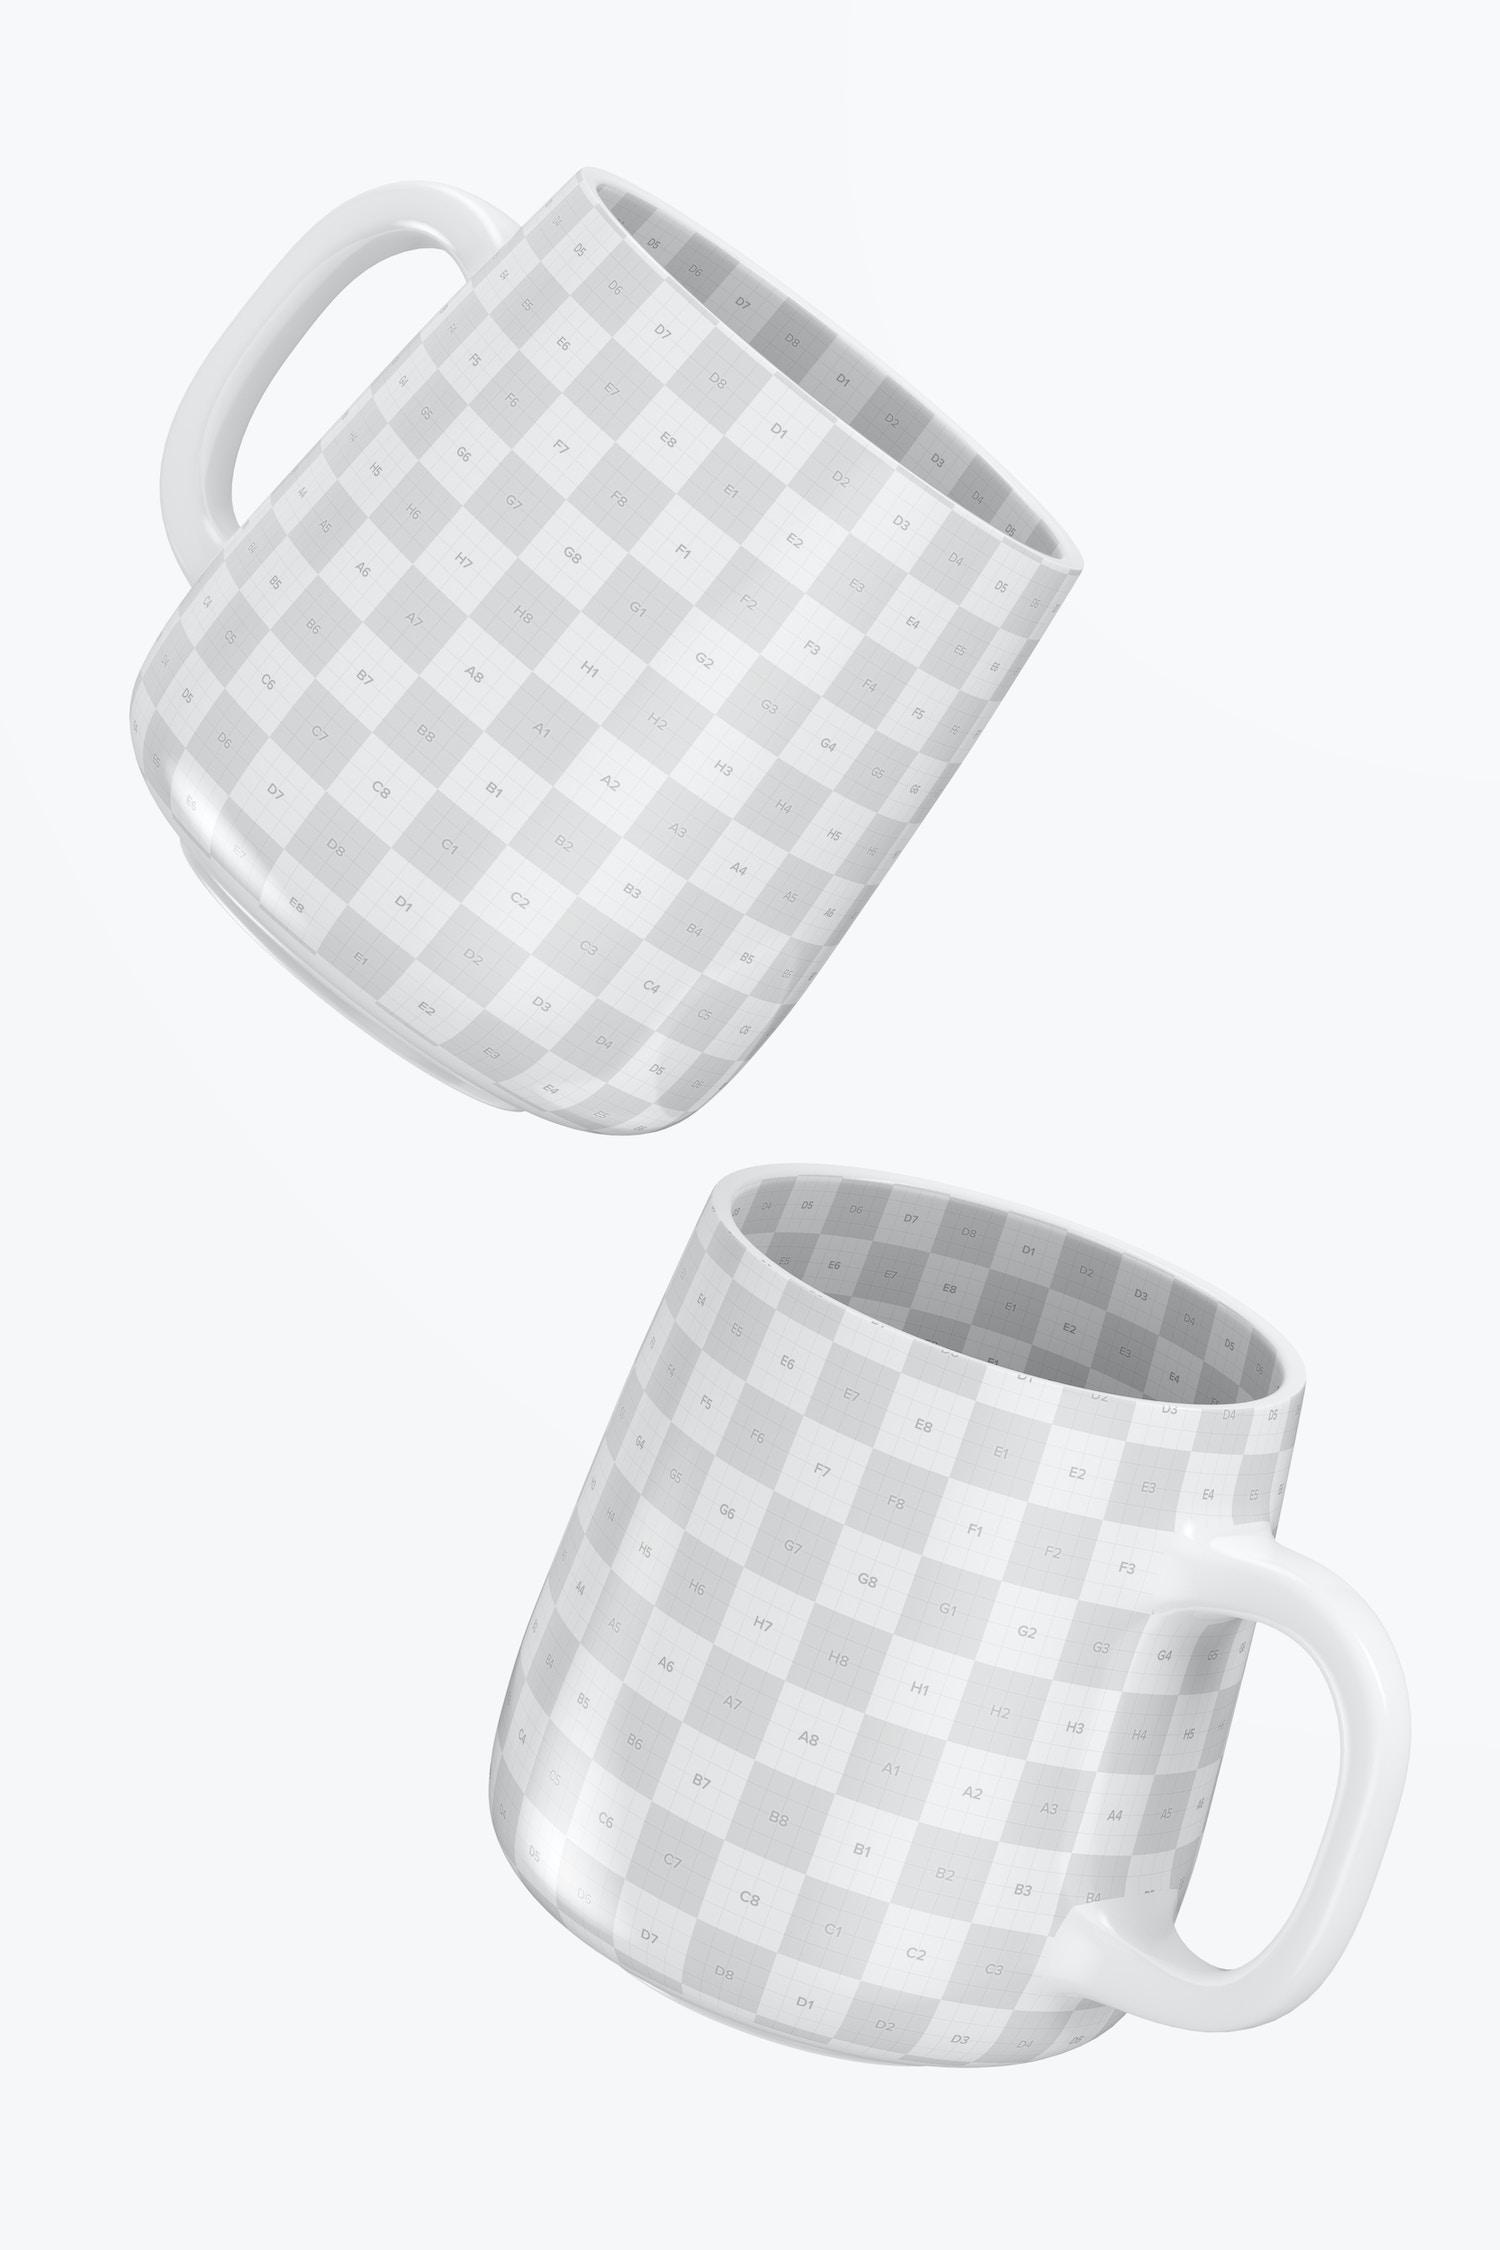 12.2 oz Ceramic Mug Mockup, Floating